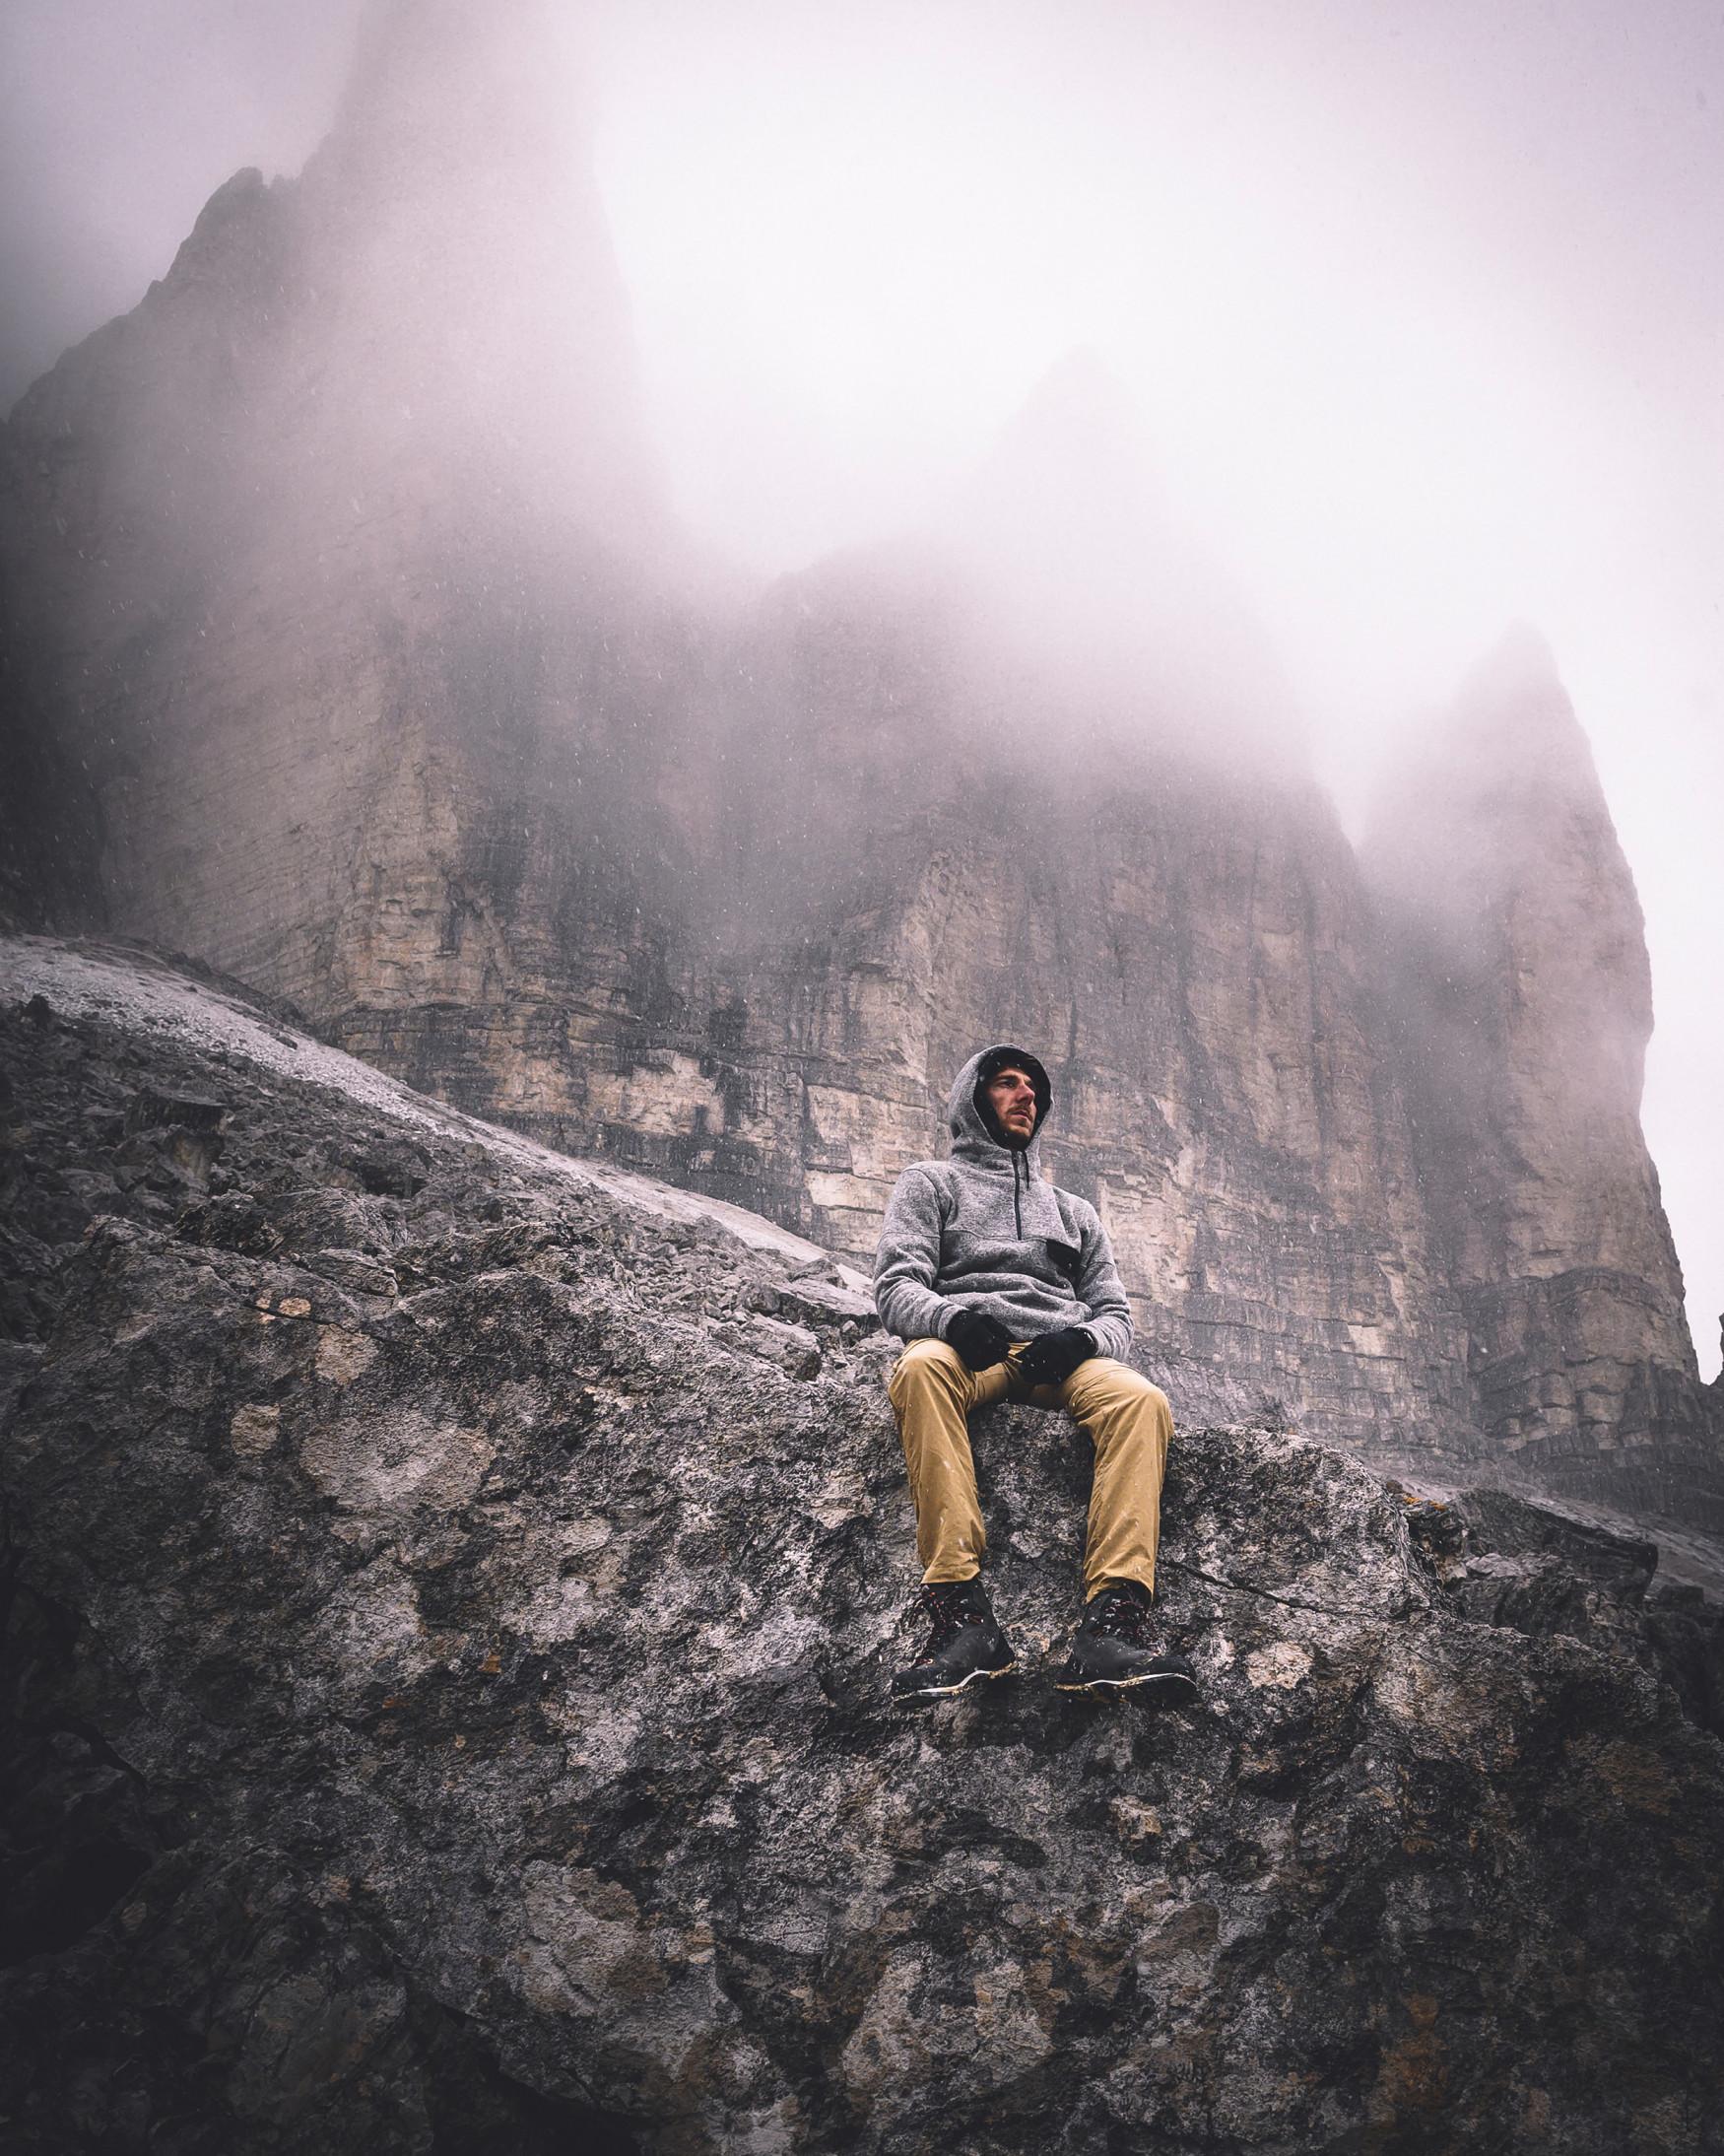 Vielseitigkeit ist überall gefragt. Auch auf Trekking- und Bergtouren! Denn genau hier überzeugt ein Schuh, der mit den unterschiedlichsten Gegebenheiten fertig wird. Der CAMINO LL ist sowohl vielseitig als auch bequem. Ob für leichte Wanderungen,  Hütten- oder Trekkingtouren – der robuste Bergschuh aus kräftigem Nubukleder außen und anschmiegsamem Lederinnenfutter ist wunderbar komfortabel zu tragen. Für den besonderen Sitz der Schuhzunge sorgt die X-LACING®-Technologie. Die Zweizonenschnürung, der flexible Schaft sowie die griffige VIBRAM®-APPTRAIL-Sohle runden den Klassiker ab.